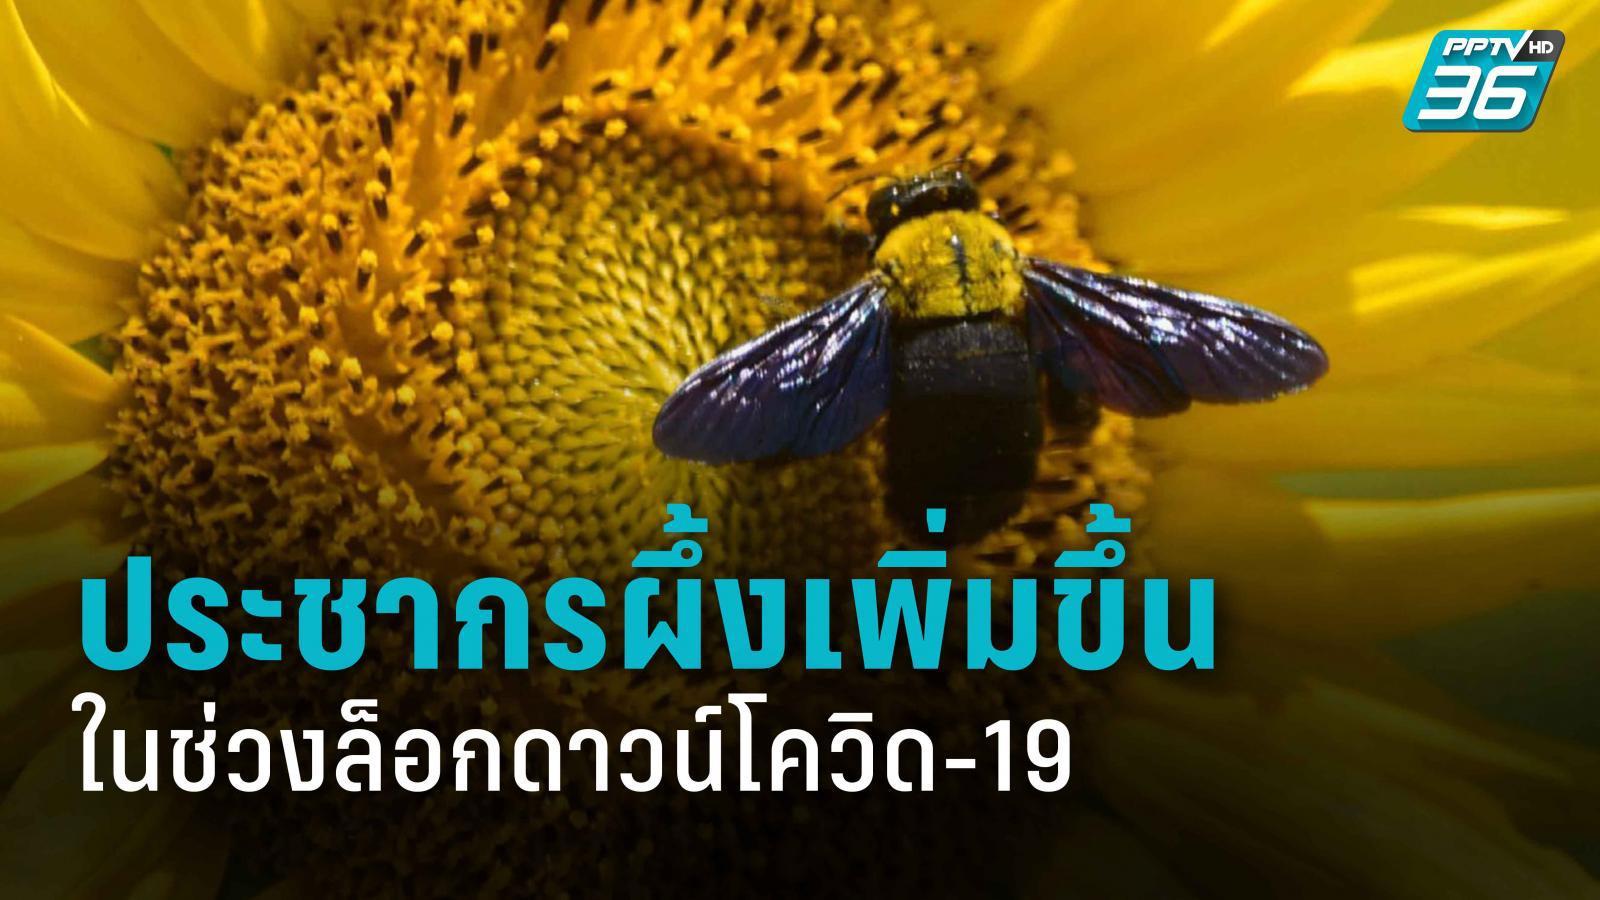 โลกของผึ้ง ในช่วงล็อกดาวน์ สกัด โควิด-19